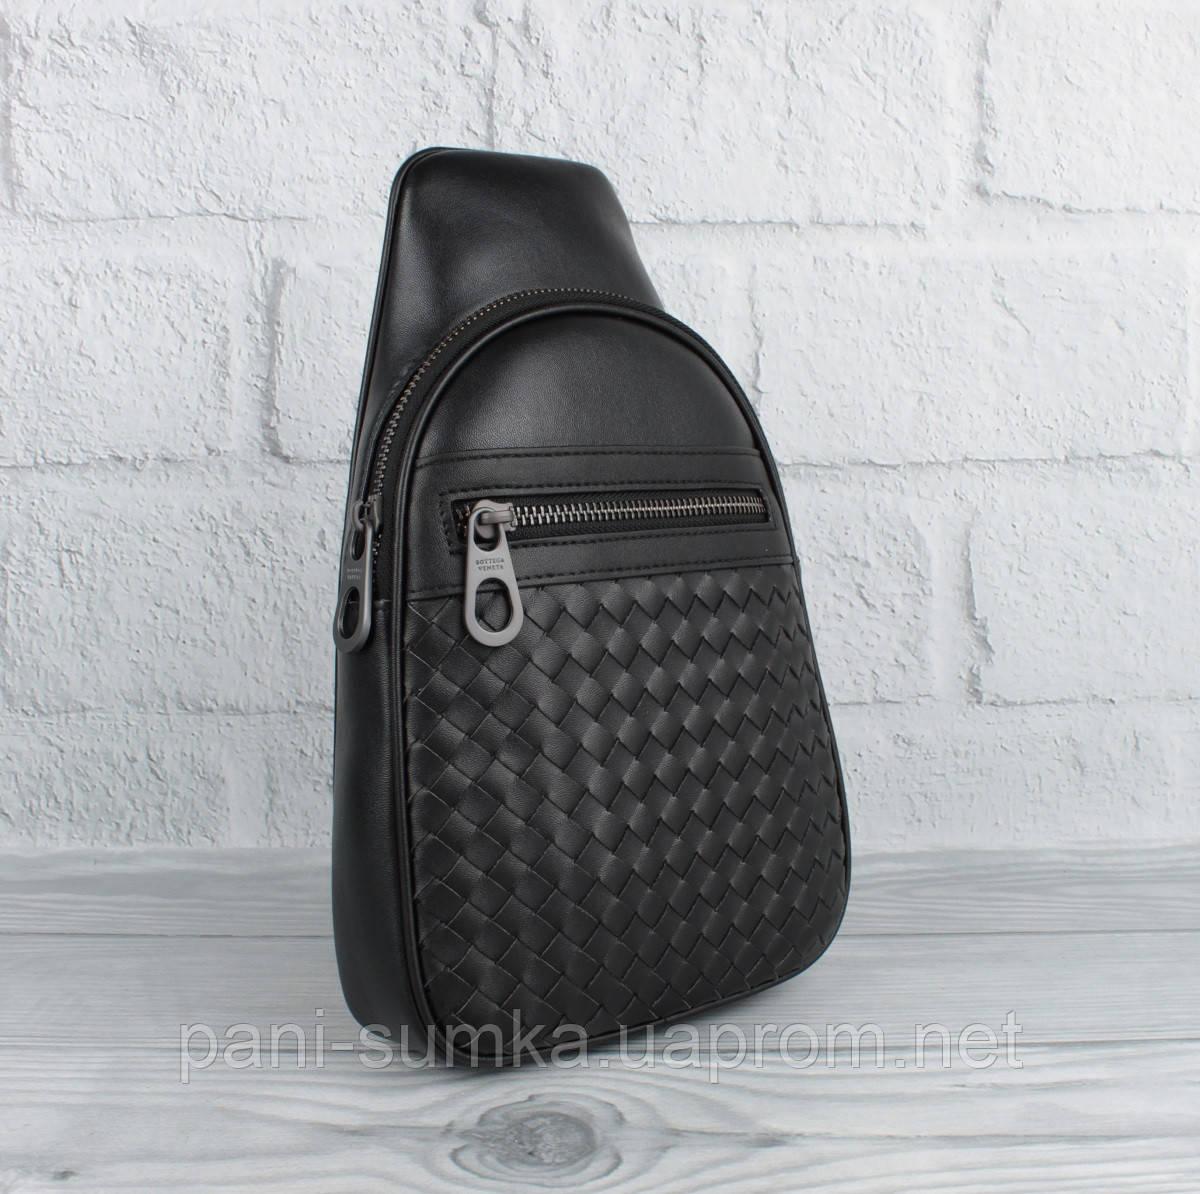 Мужская кожаная сумка-слинг через плечо, рюкзак BV 22668-3, переплет